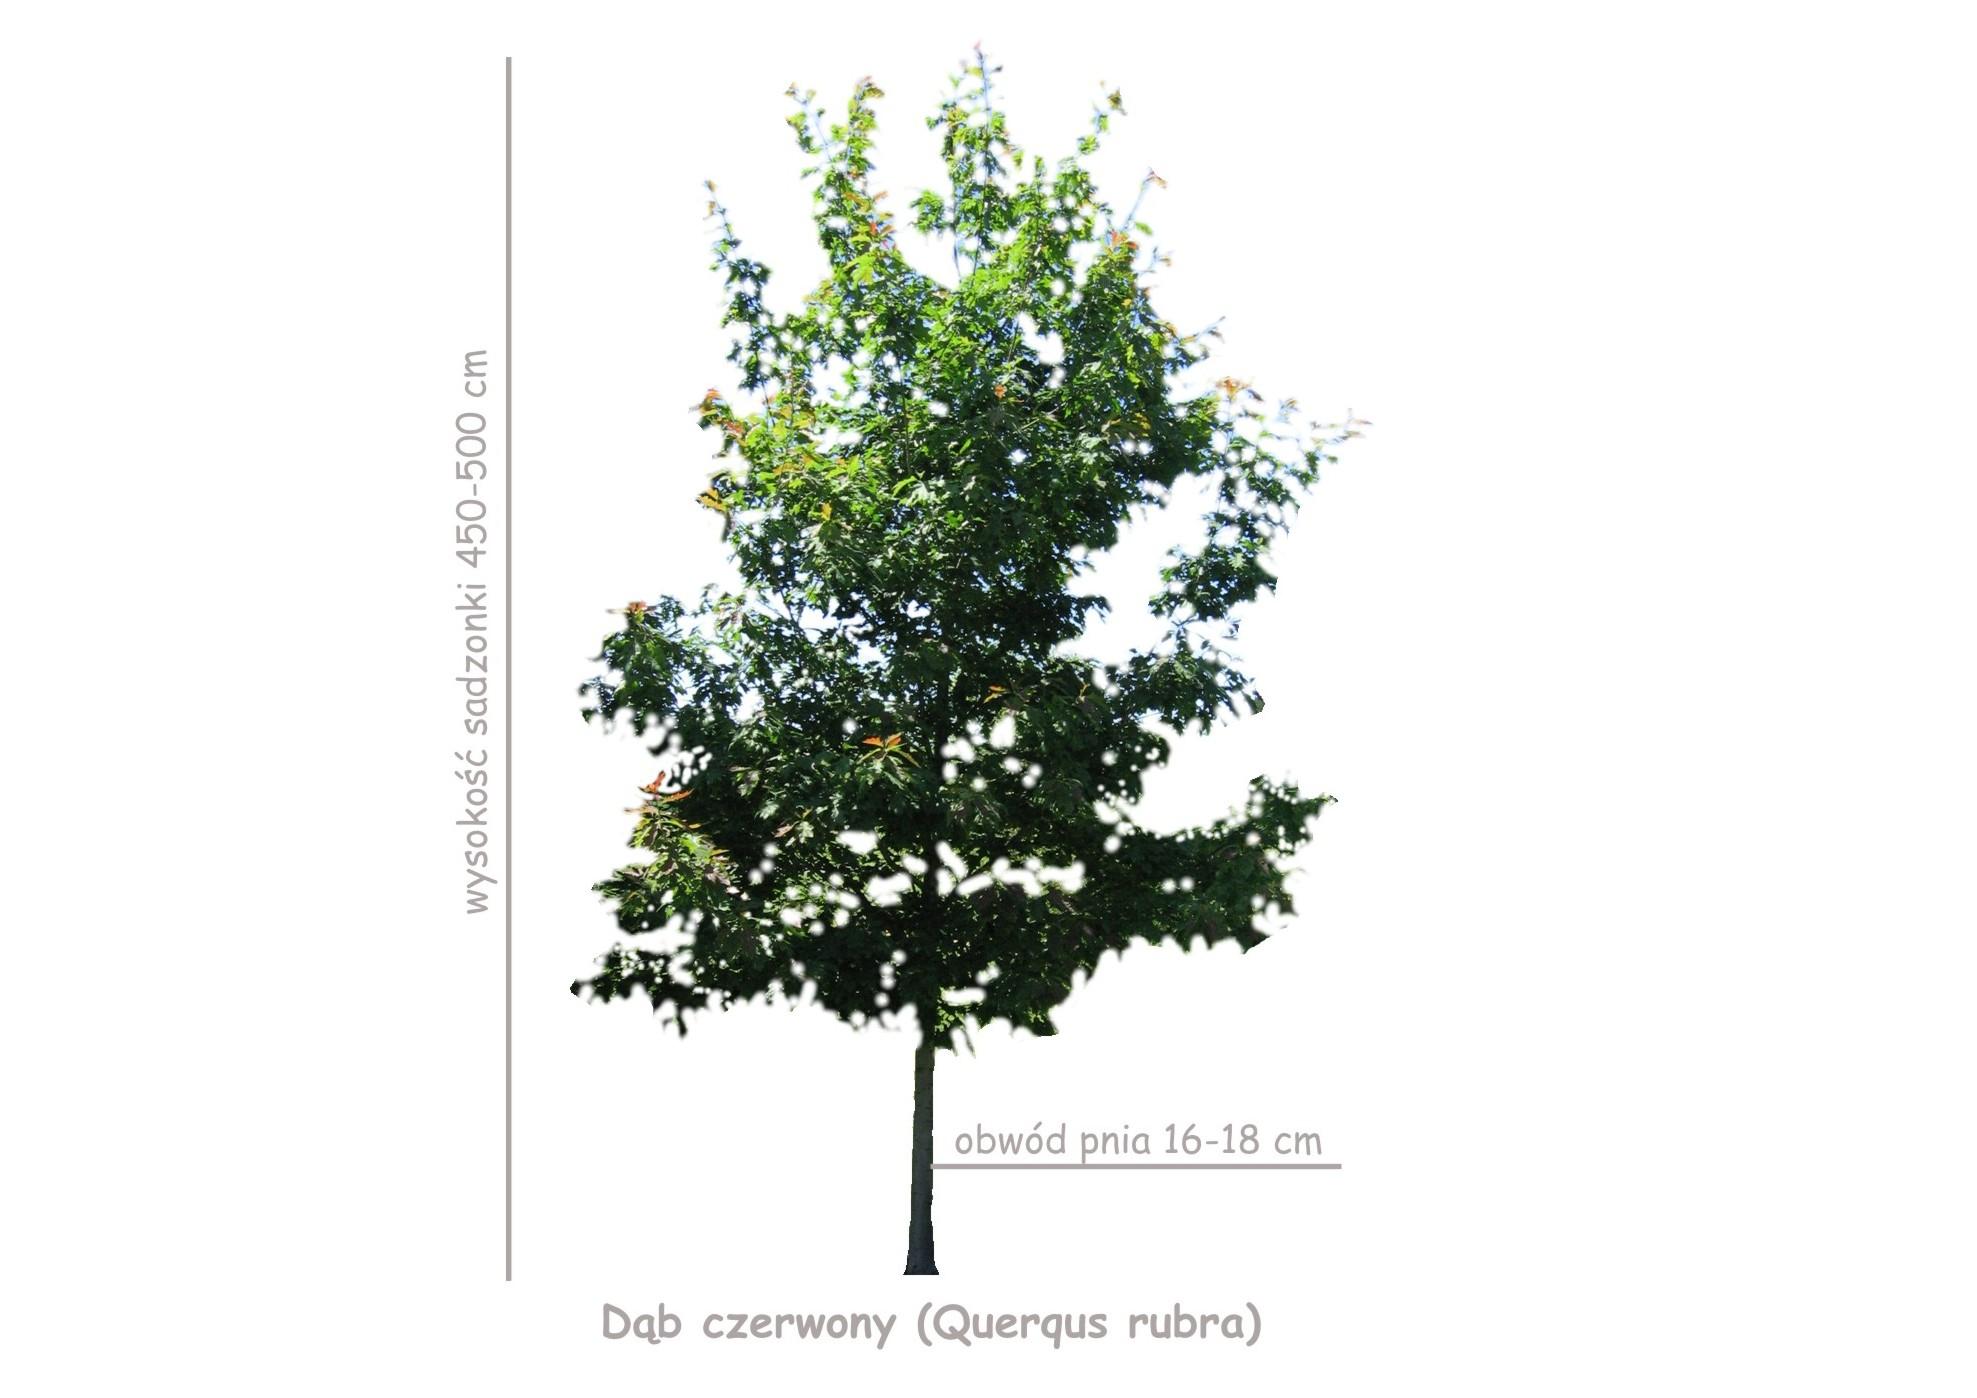 Dąb czerwony (Querqus rubra) sadzonka o obwodzie 16-18 cm, wysokości 450-500 cm